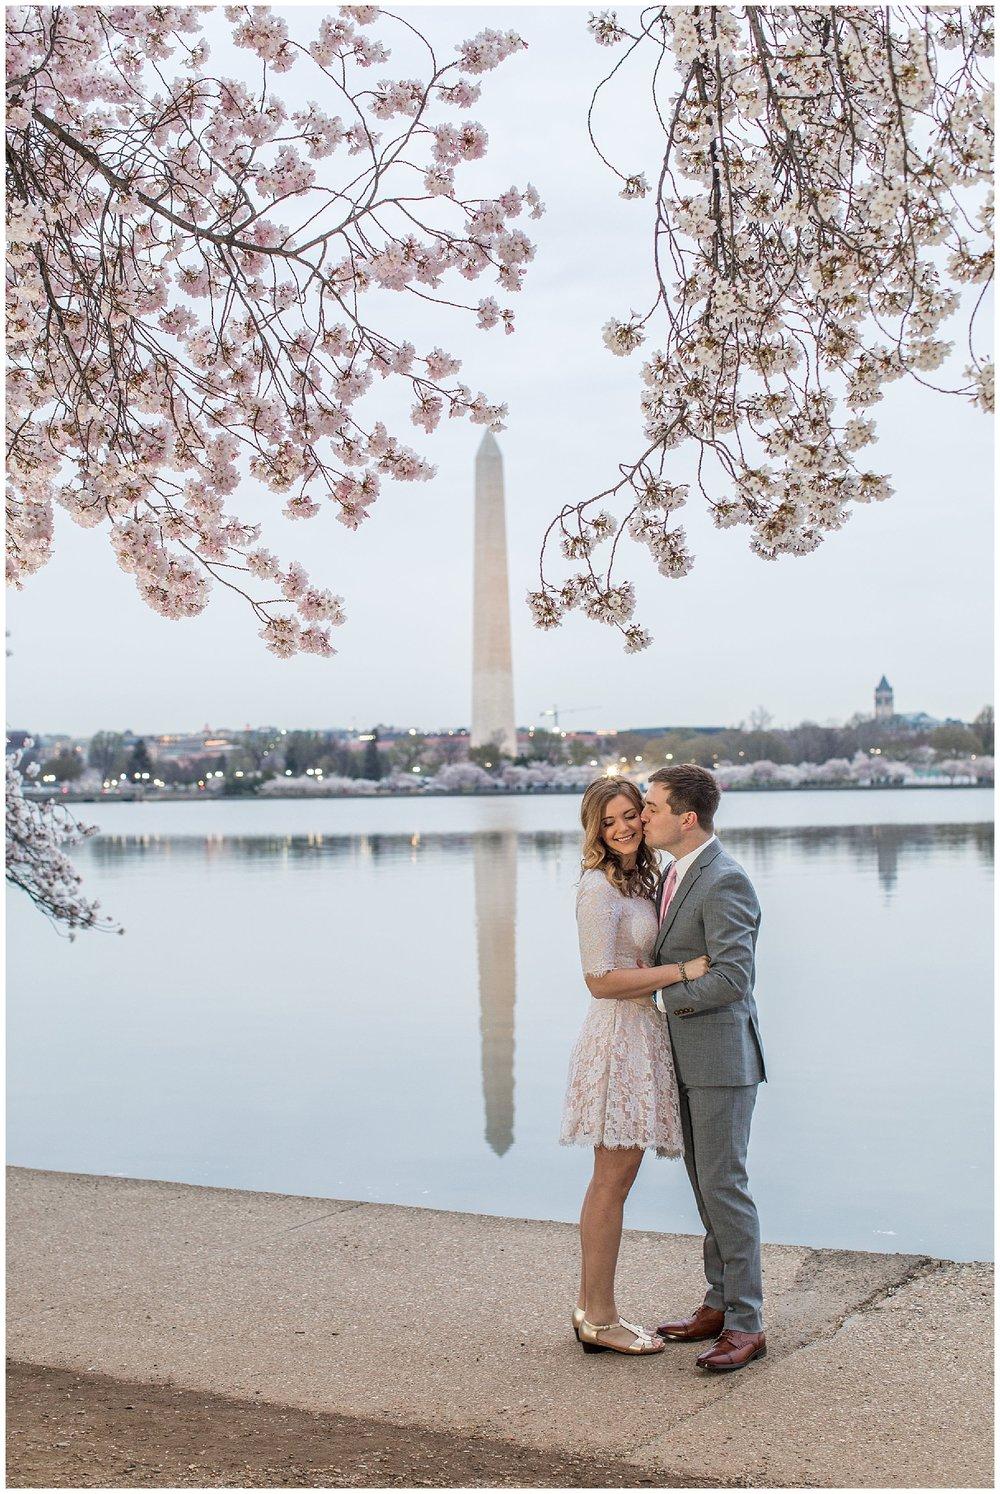 Rosalie Jon DC Cherry Blossom Engagement Living Radiant Photography_0003.jpg